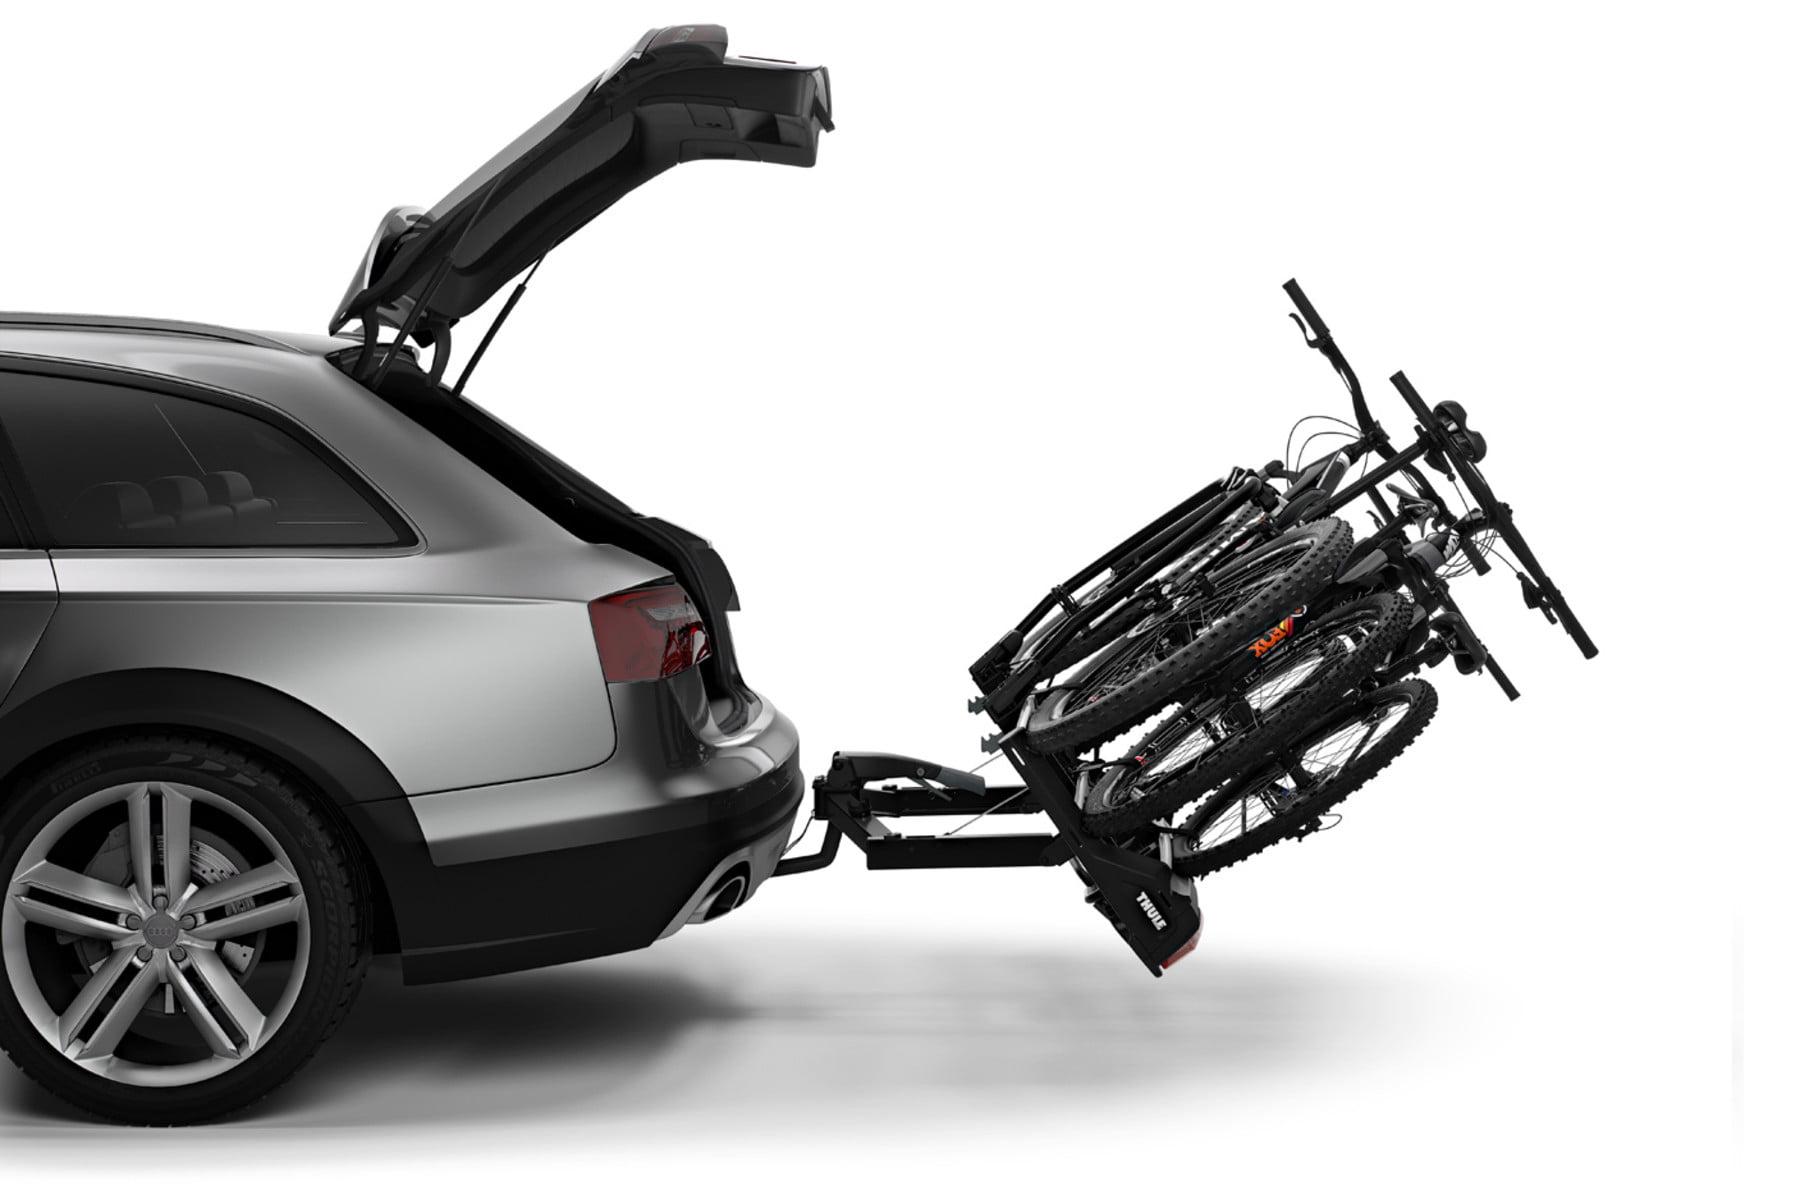 Suport pentru 3 biciclete Thule VeloSpace 939 XT3 cu prindere pe carligul de remorcare 5